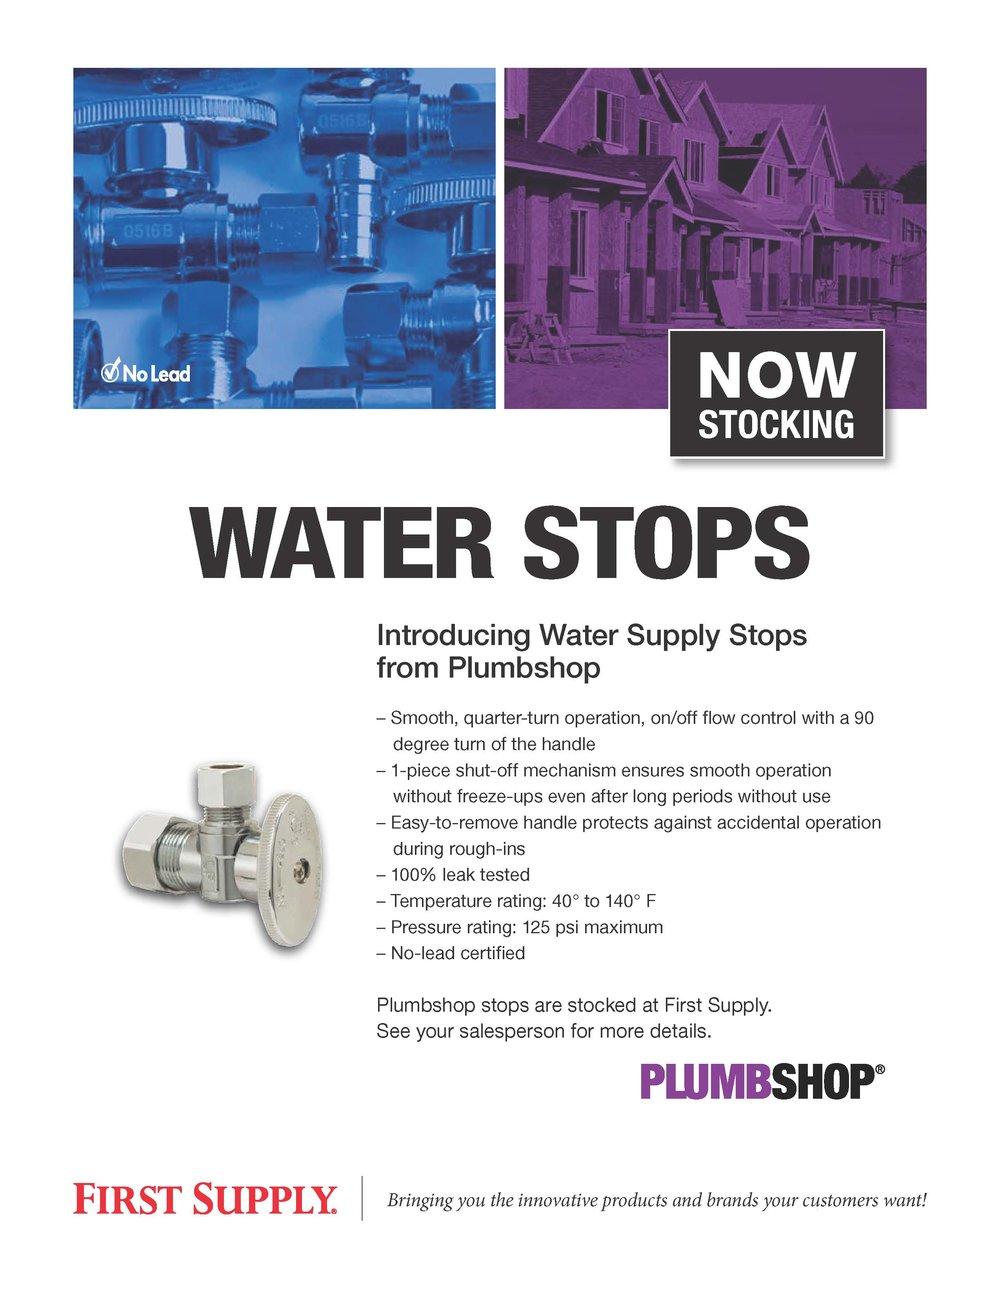 Plumbshop Water Stops